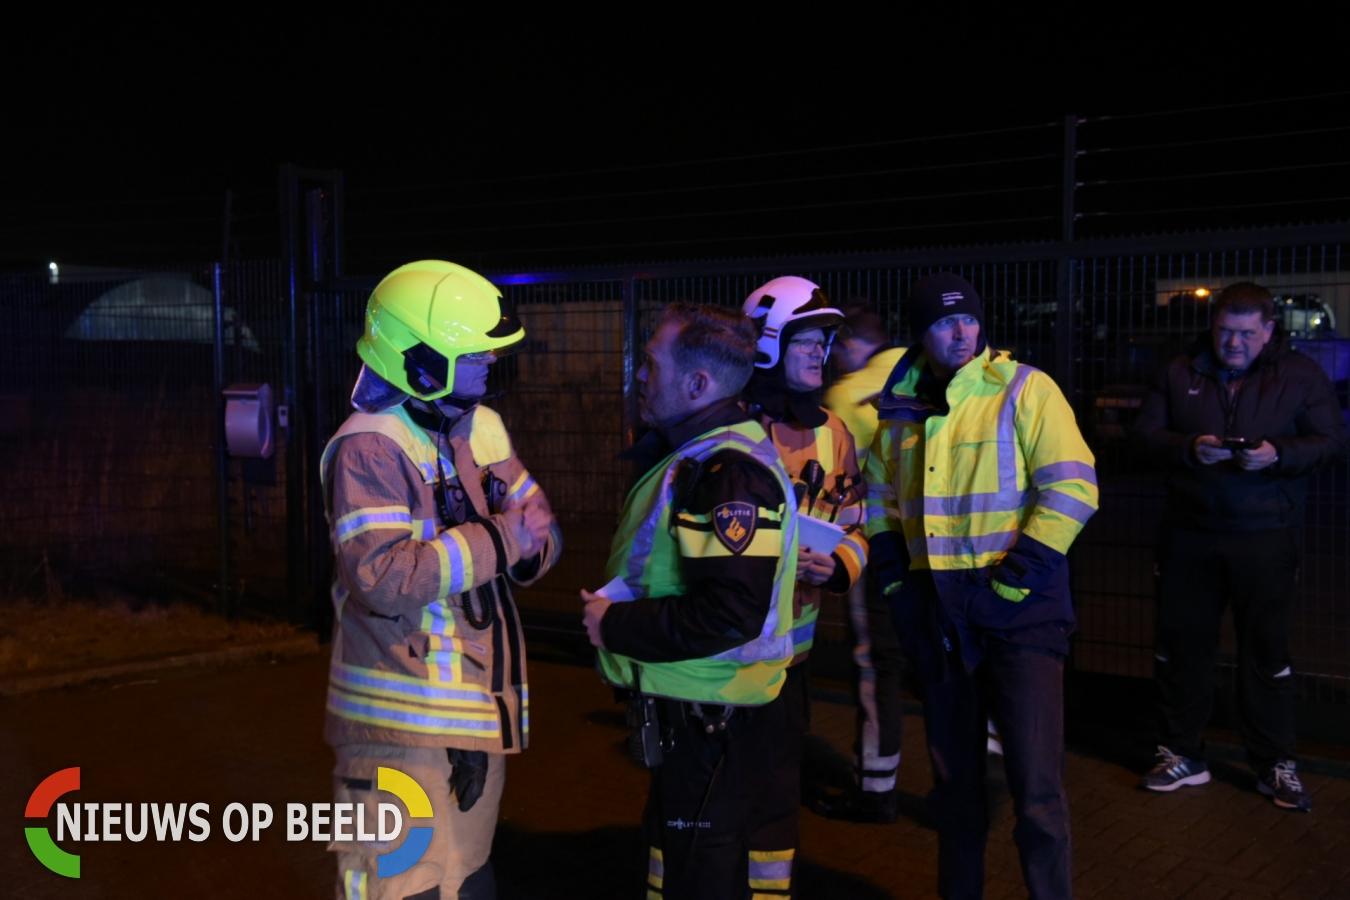 Grote uitslaande brand in bedrijfspand Raadsheerenhoek Zuidland